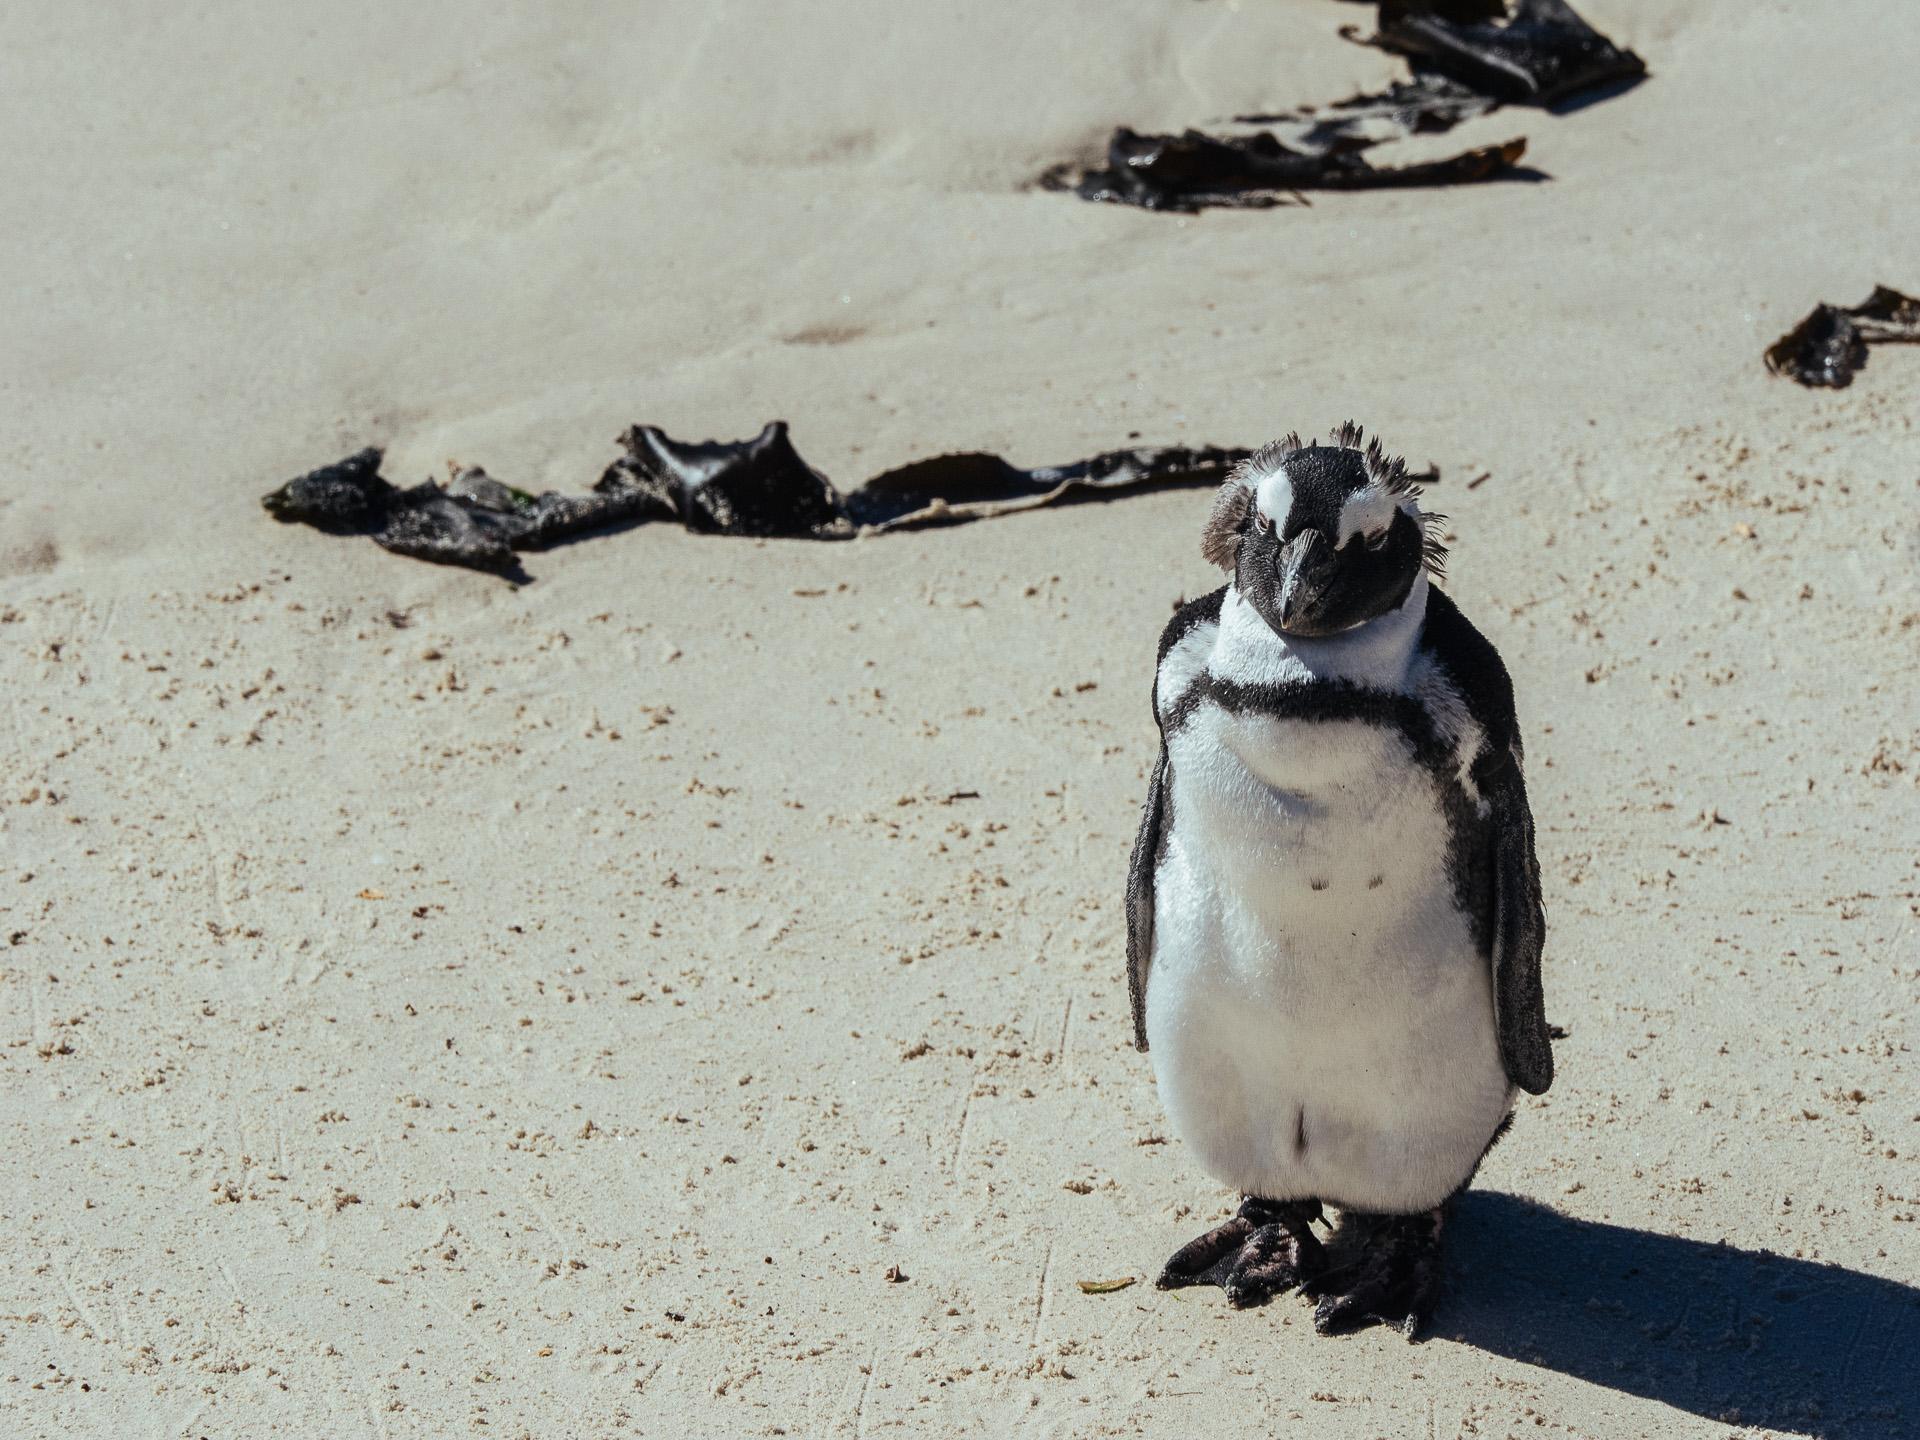 Cape Point et le Cap de Bonne Espérance